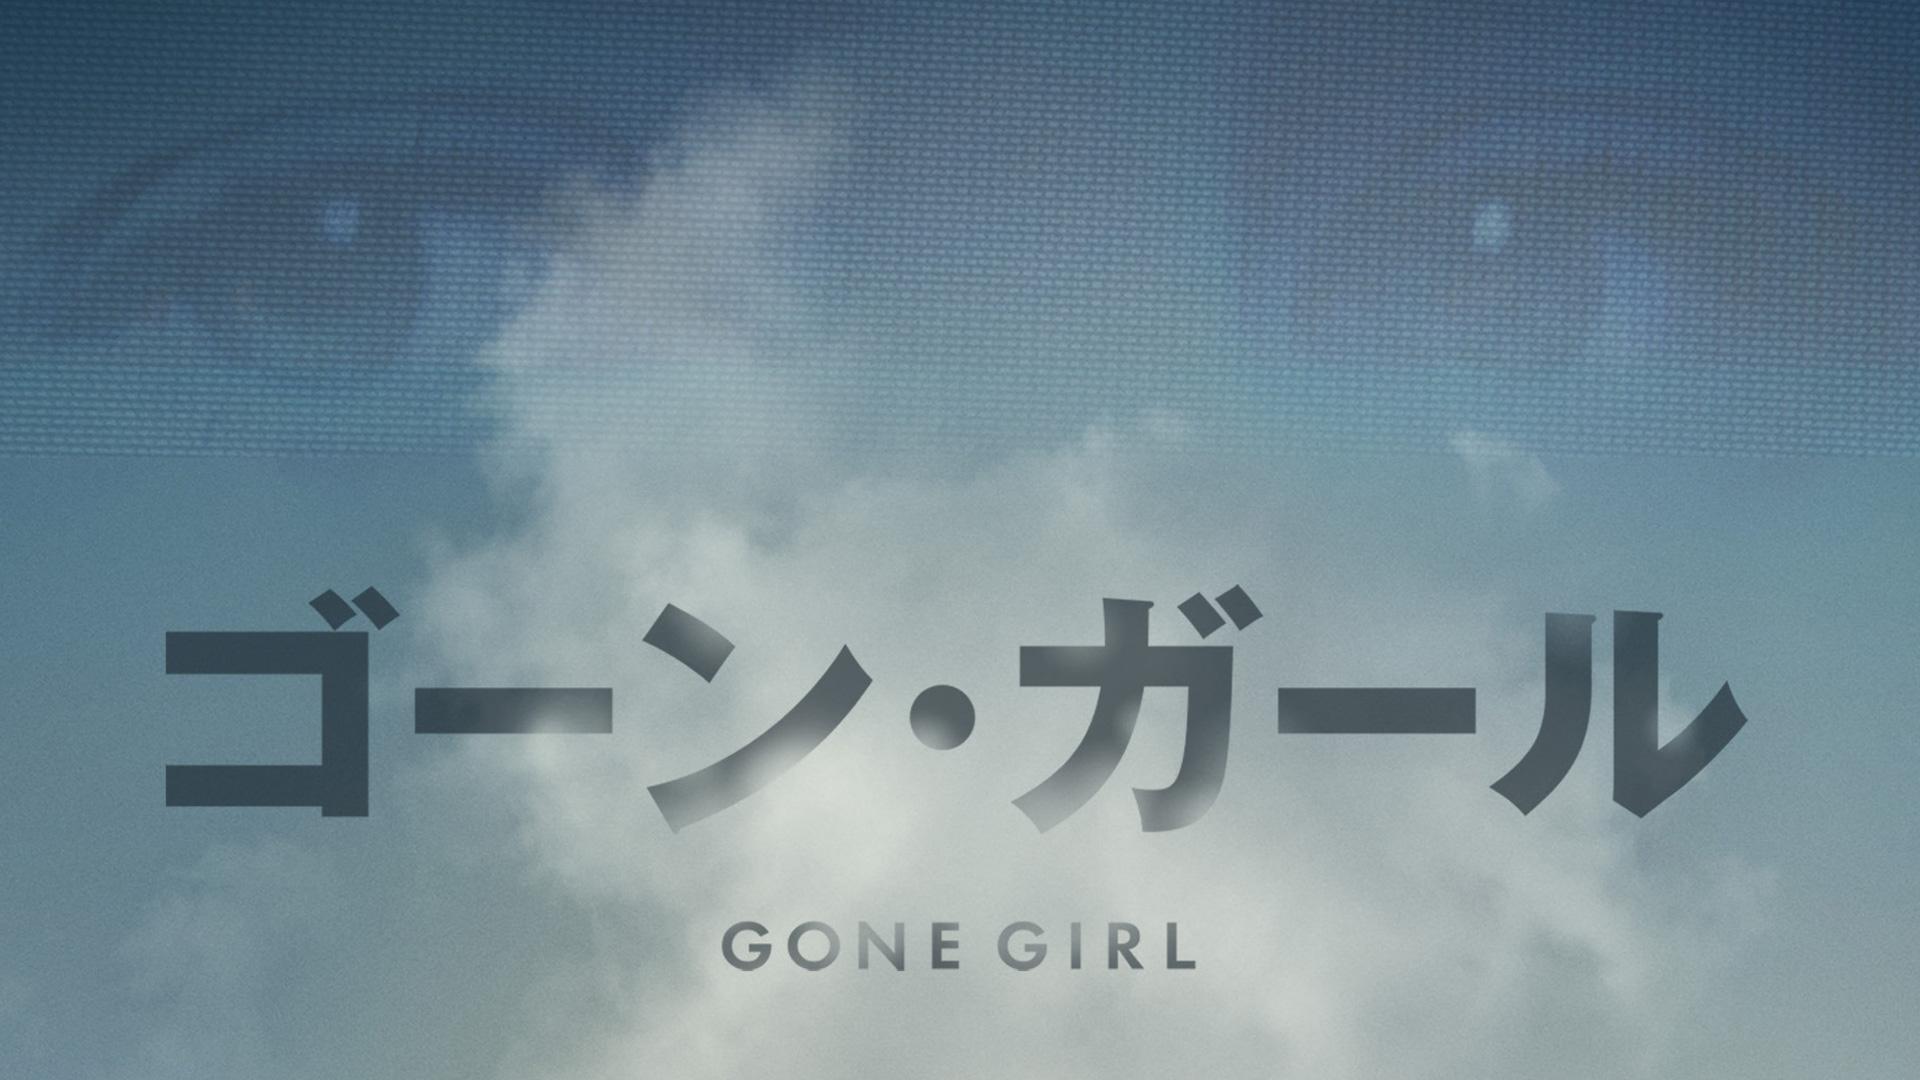 ゴーン・ガール (字幕版)